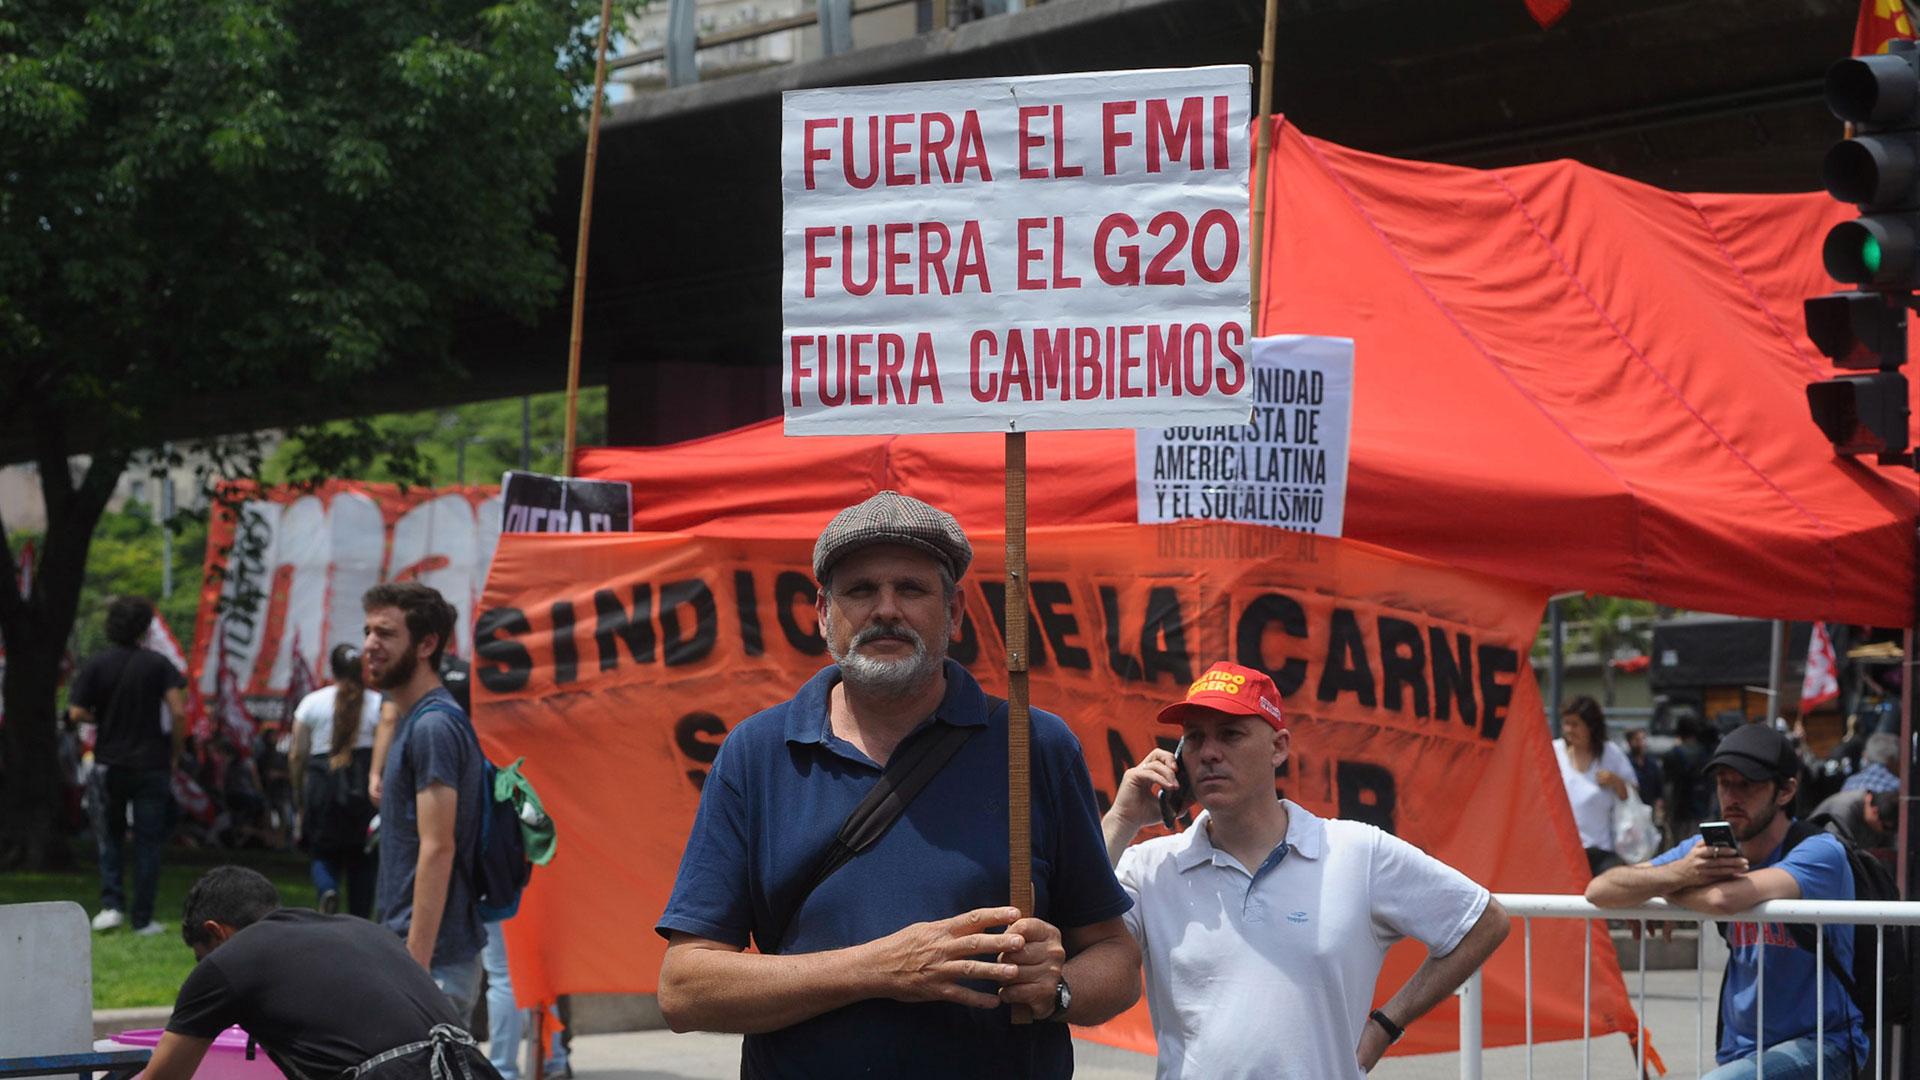 El reclamo contra el G20 incluyó también críticas a la gestión de Mauricio Macri